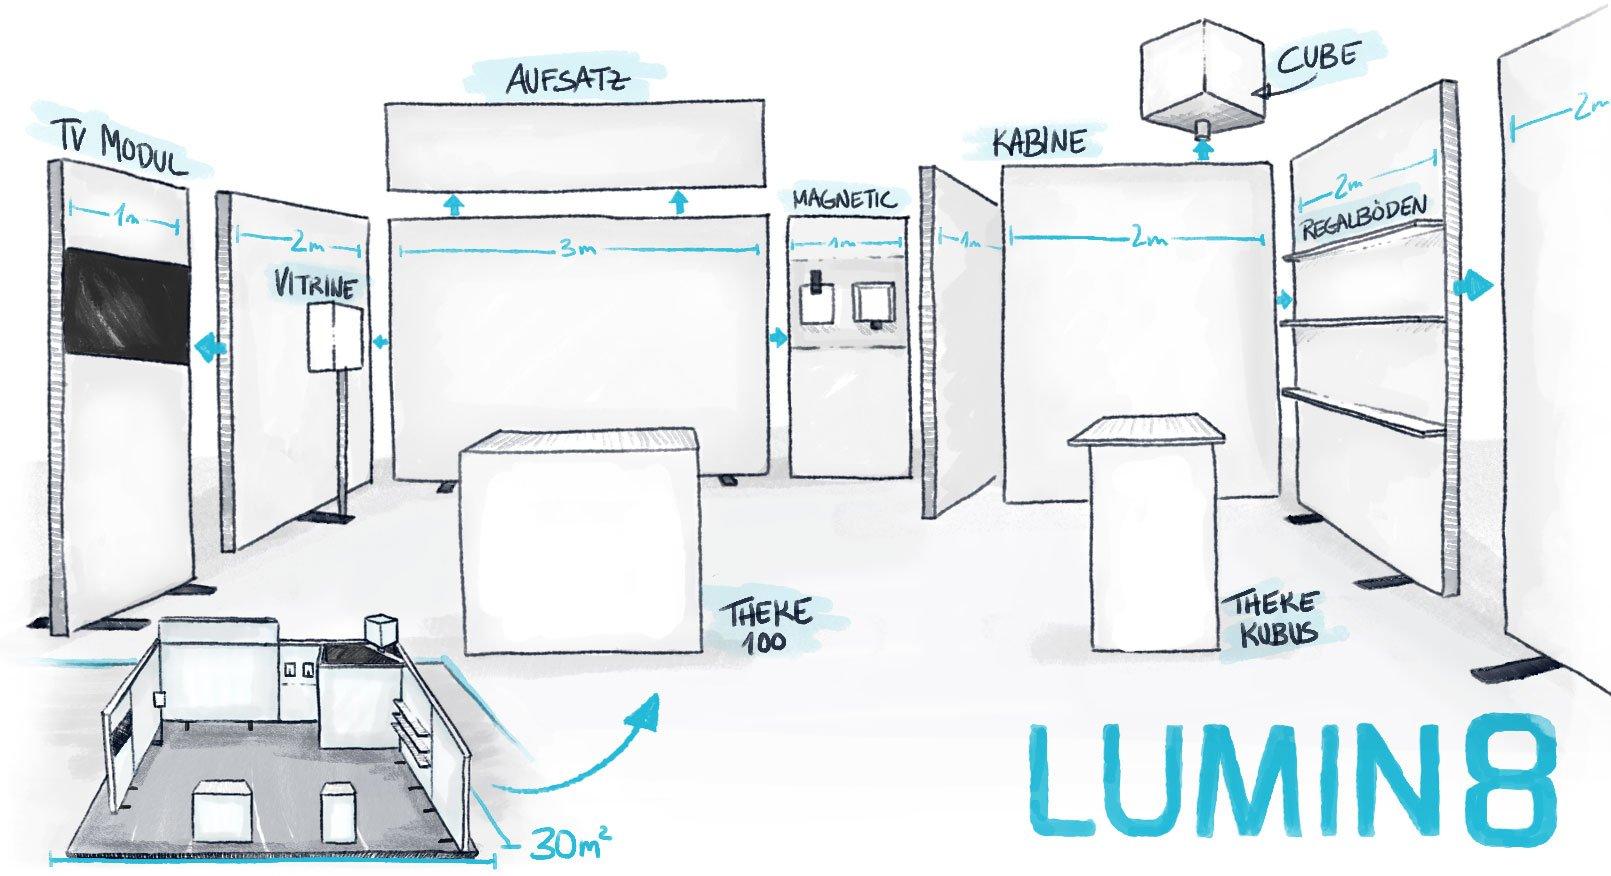 LUMIN8-Messestand ist anpassungsfähig